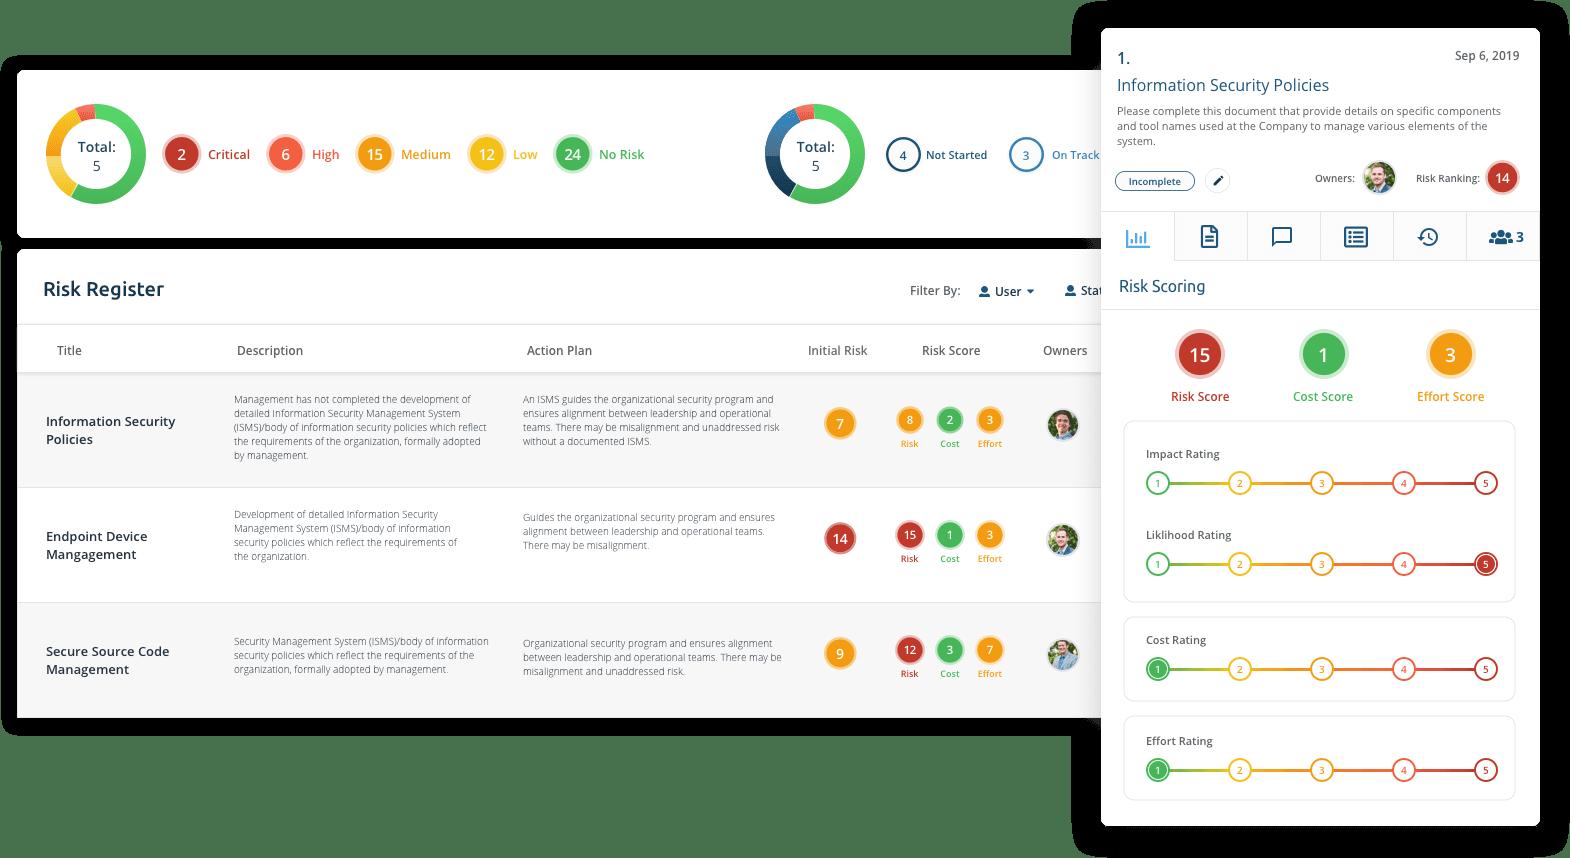 Risk Register Screen